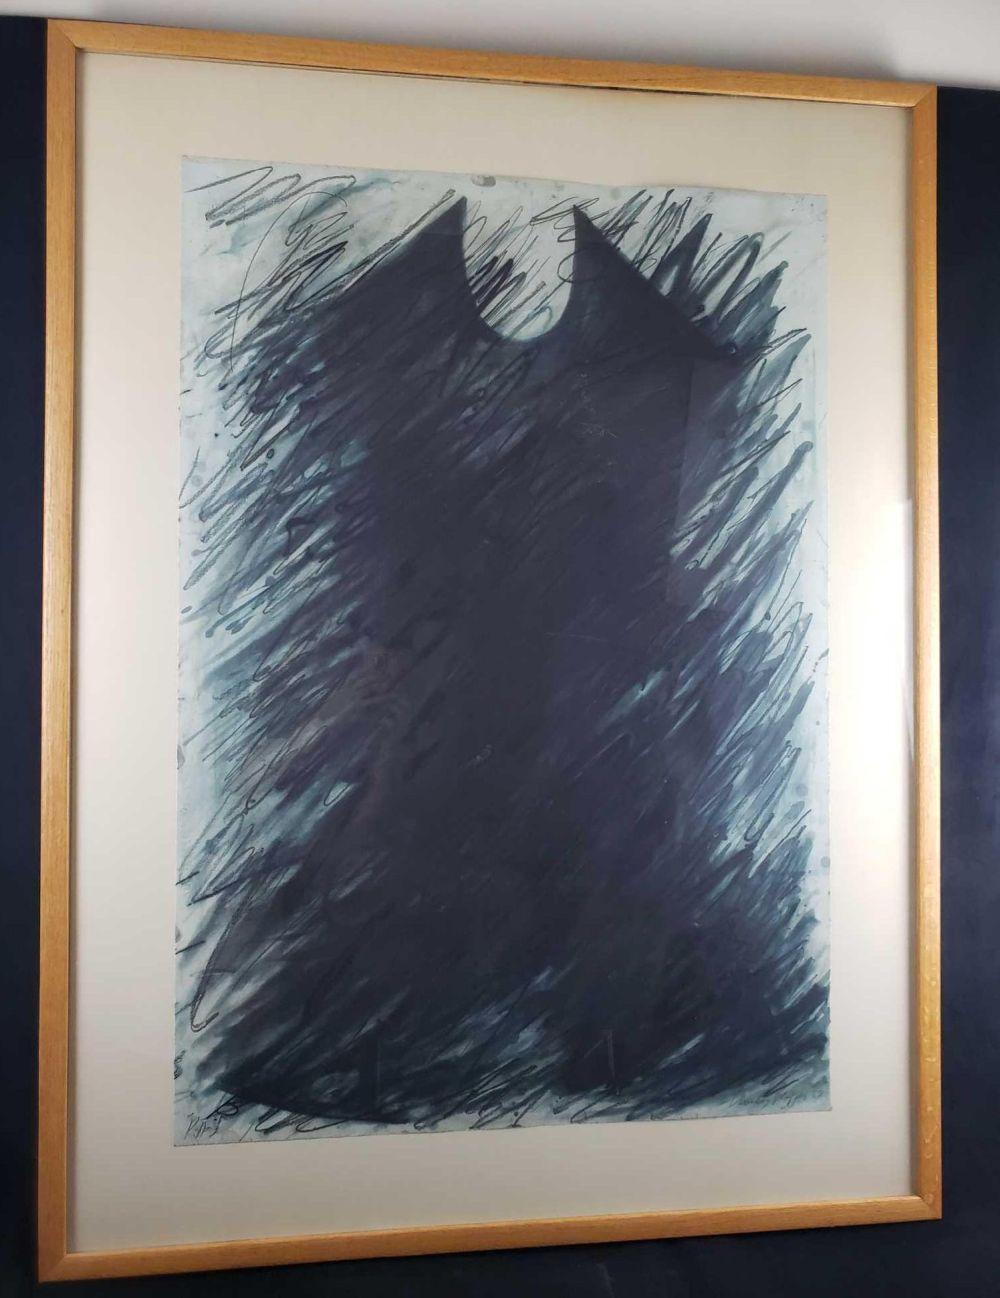 Beverly Pepper 1989 Wedge Framed Print Signed